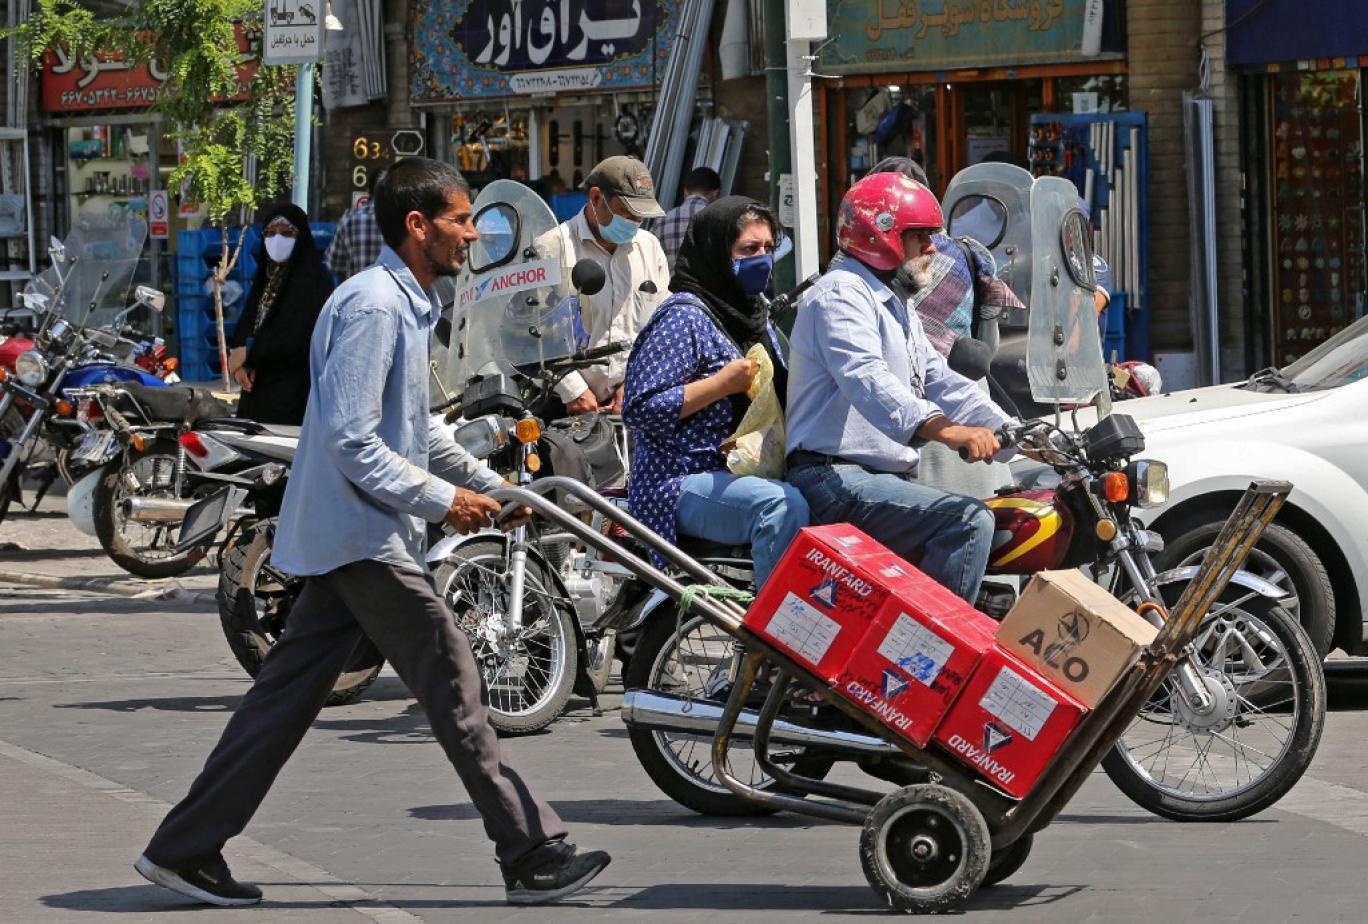 تنگنای معشیتی ایرانیان نفسگیرتر شده است, بیش از ۷۰ درصد جمعیت ایران واجد دریافت حمایت معیشتی هستند